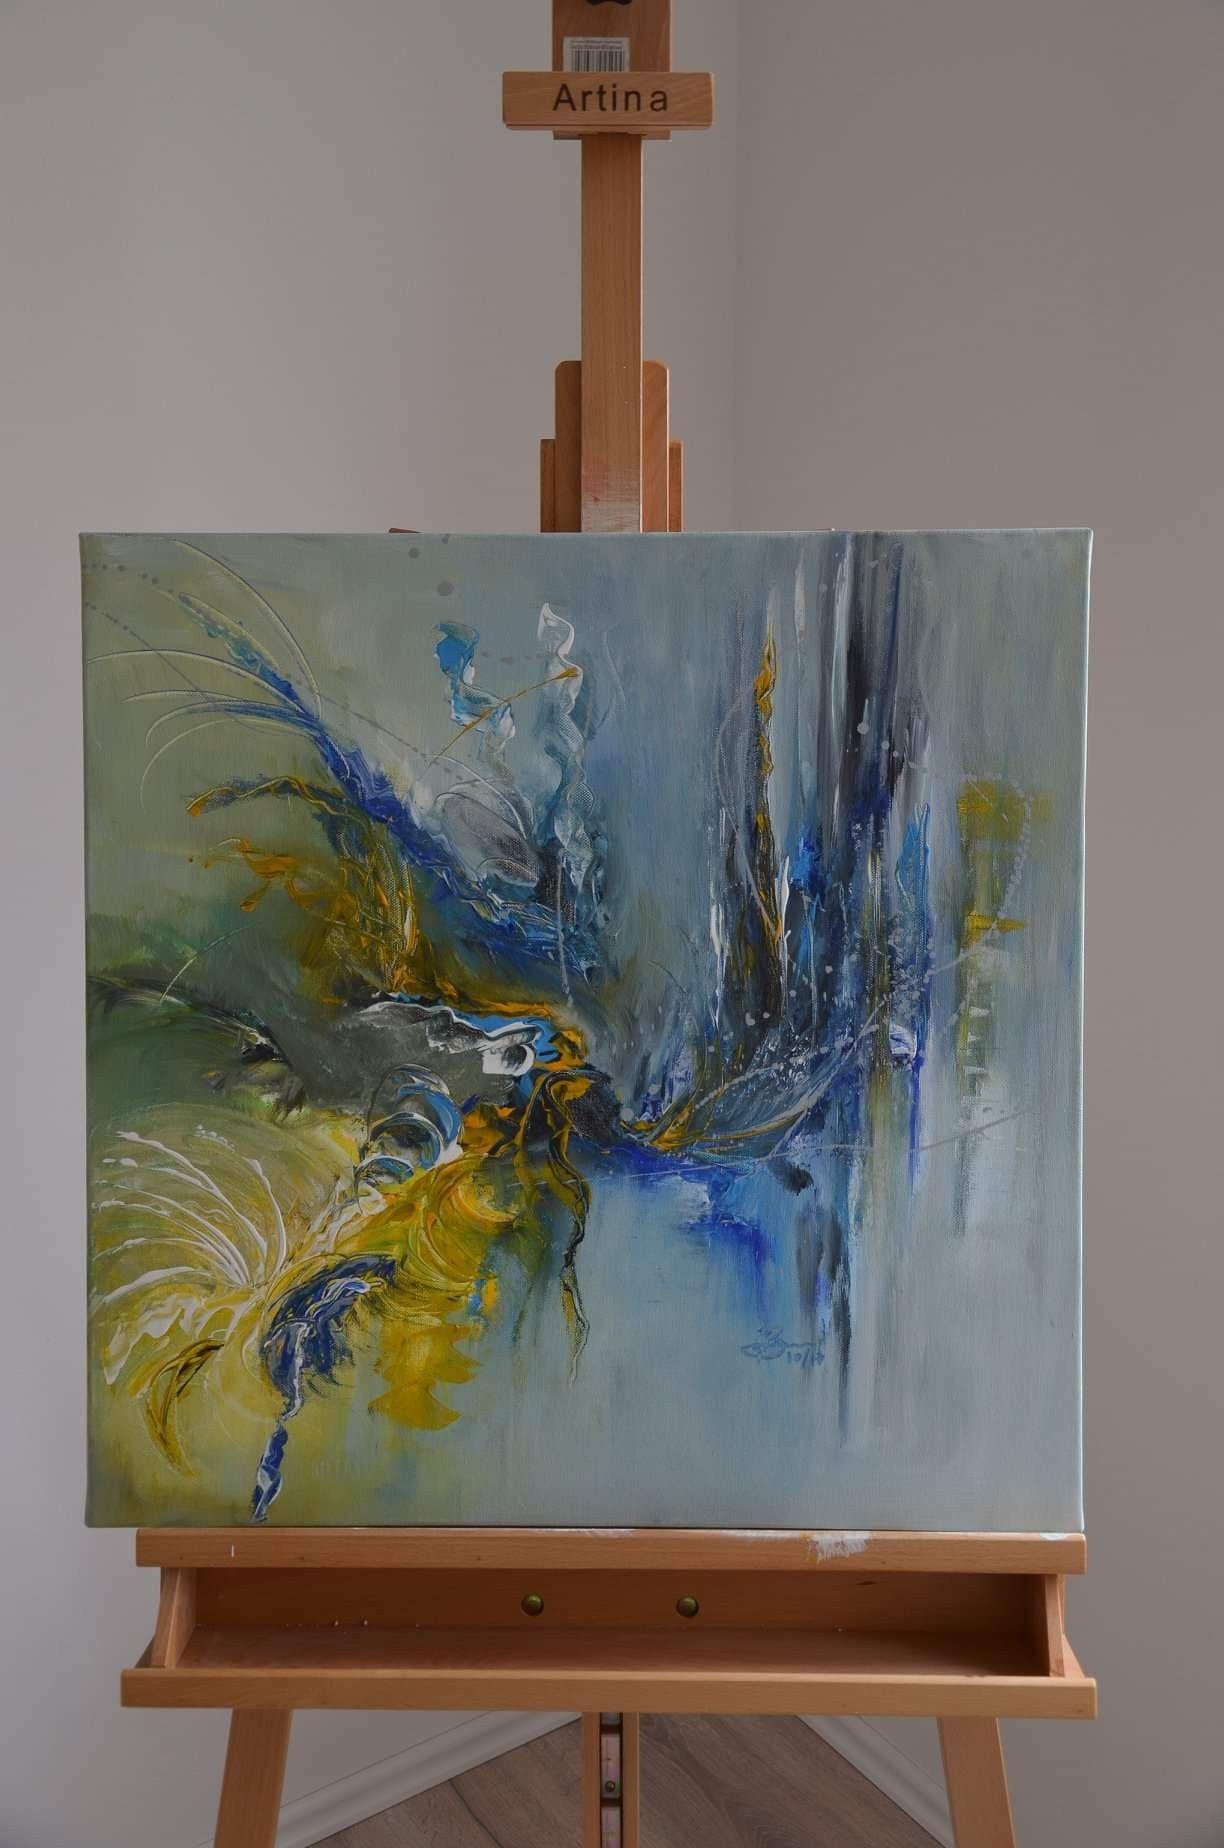 Acryl Auf Leinwand - Hat Etwa Von Einer Art Wasserfall By ganzes Malvorlagen Acrylmalerei